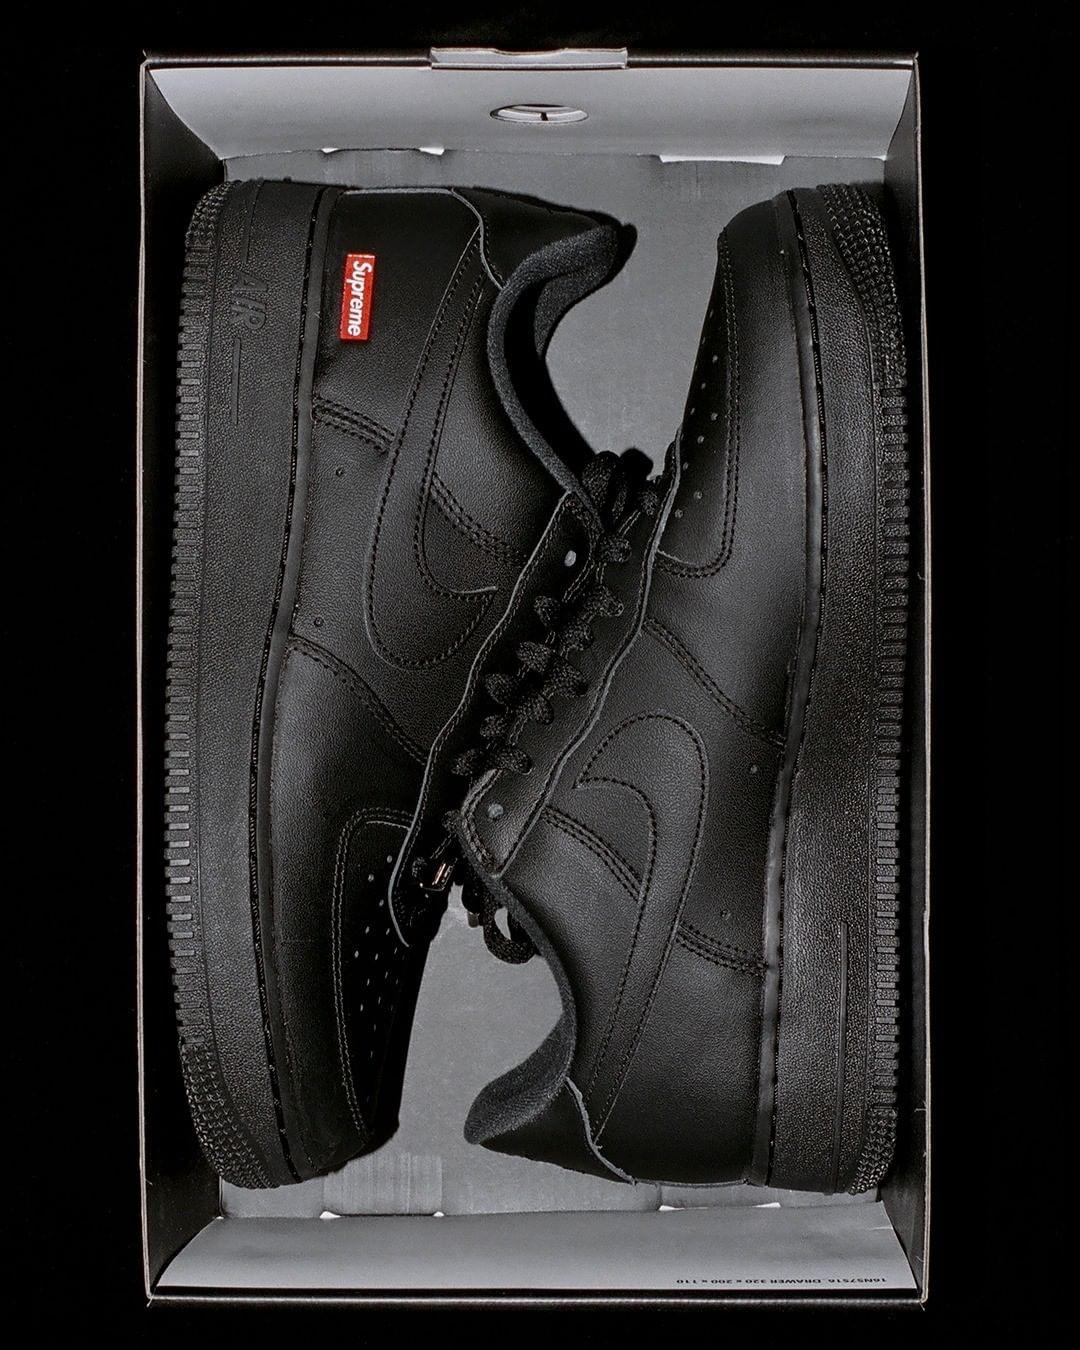 Supreme,Air Force 1,AF1,发售,CU9  你会买账吗?Supreme x AF1 官方发布!传言 4 月发售!